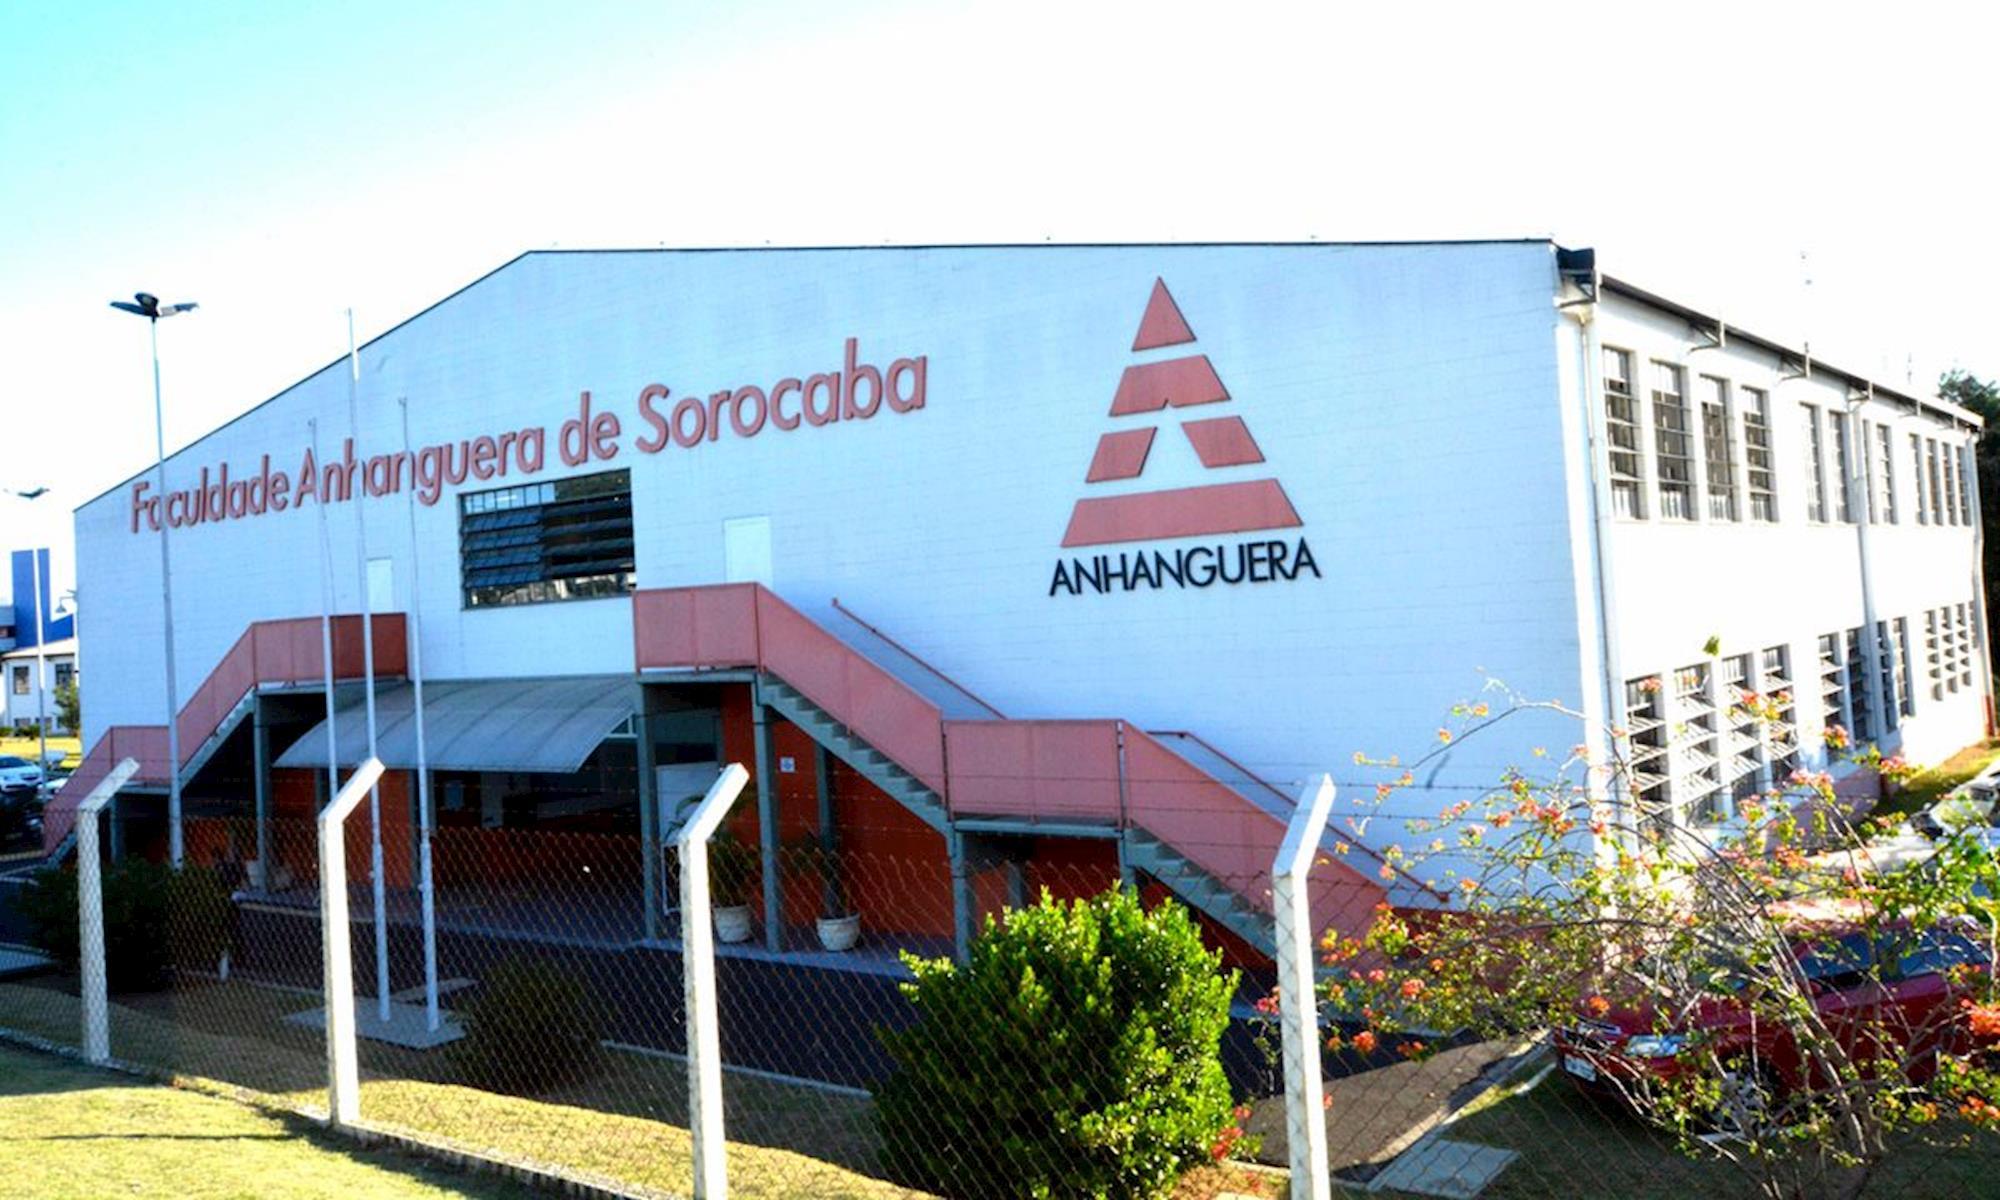 Anhanguera, faculdade, Foguinho/Imprensa SMetal